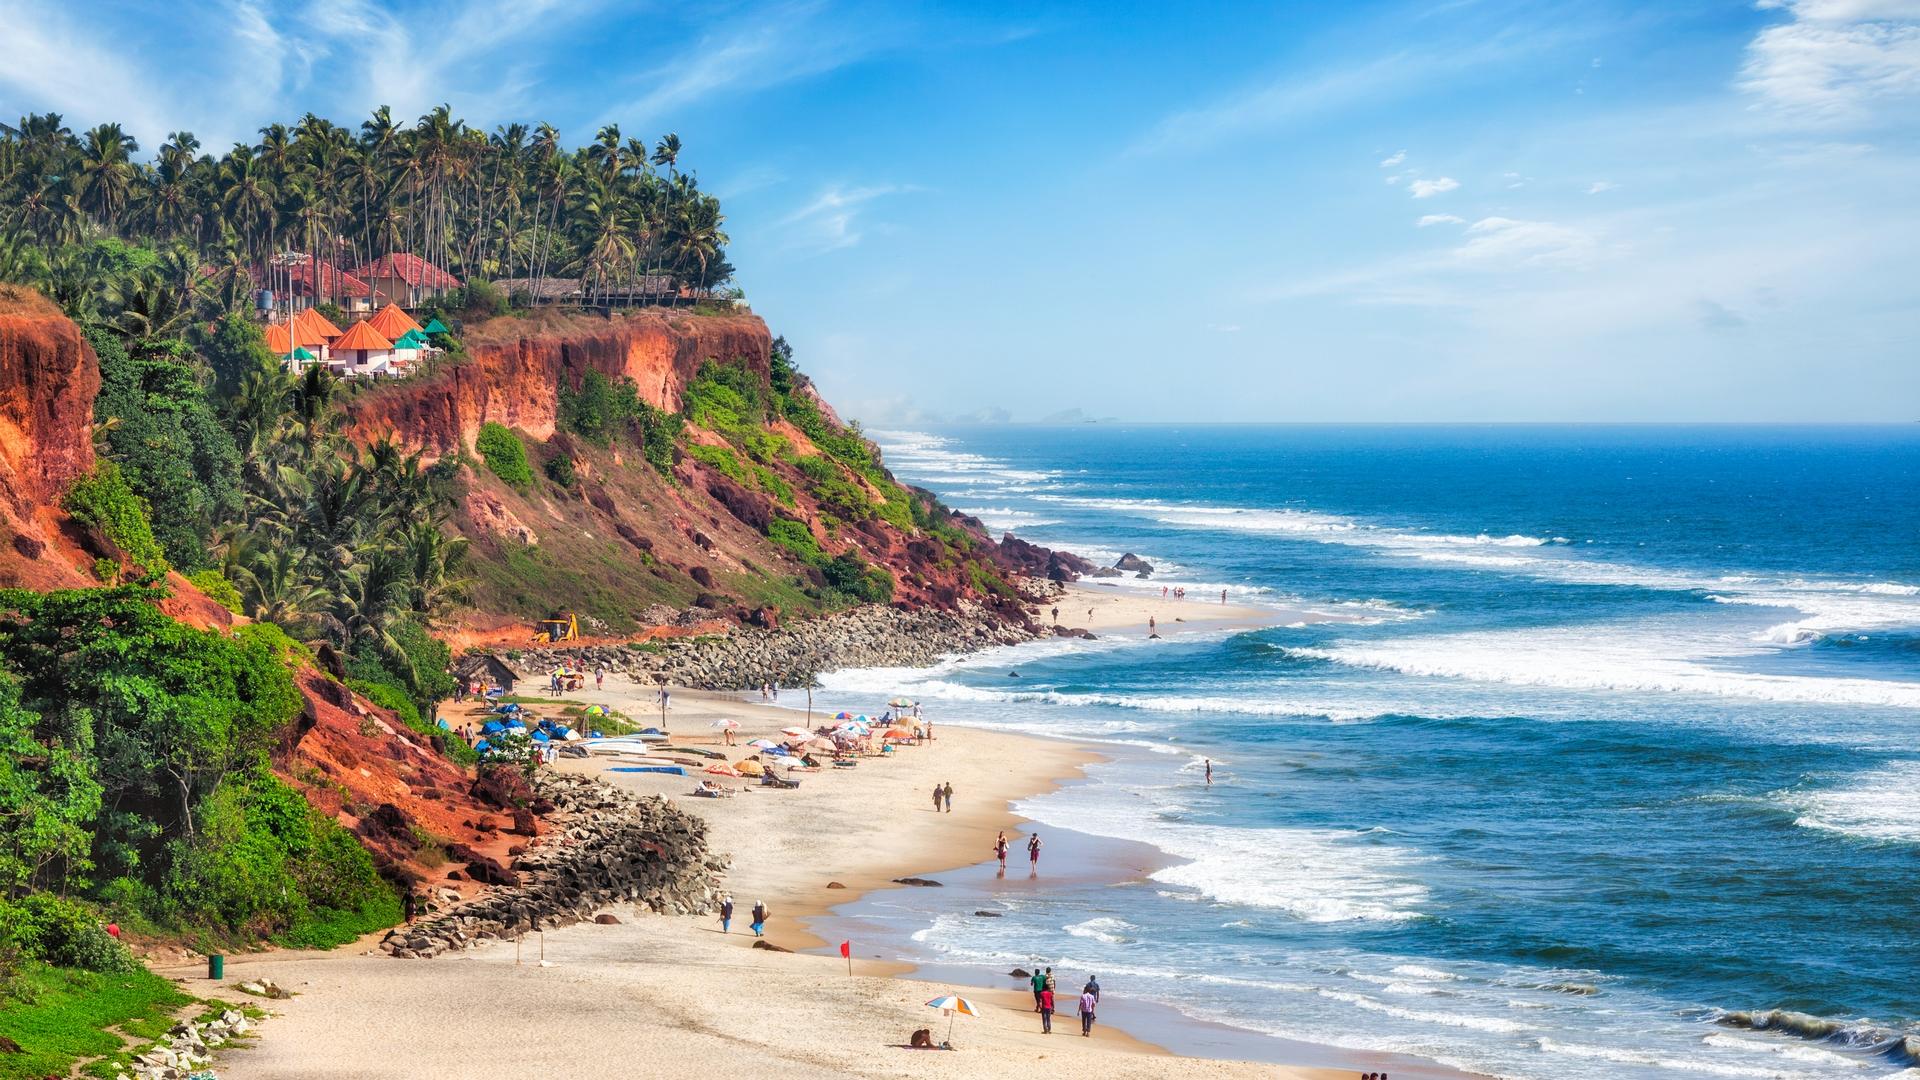 Varkala Beach and Cliff Photos